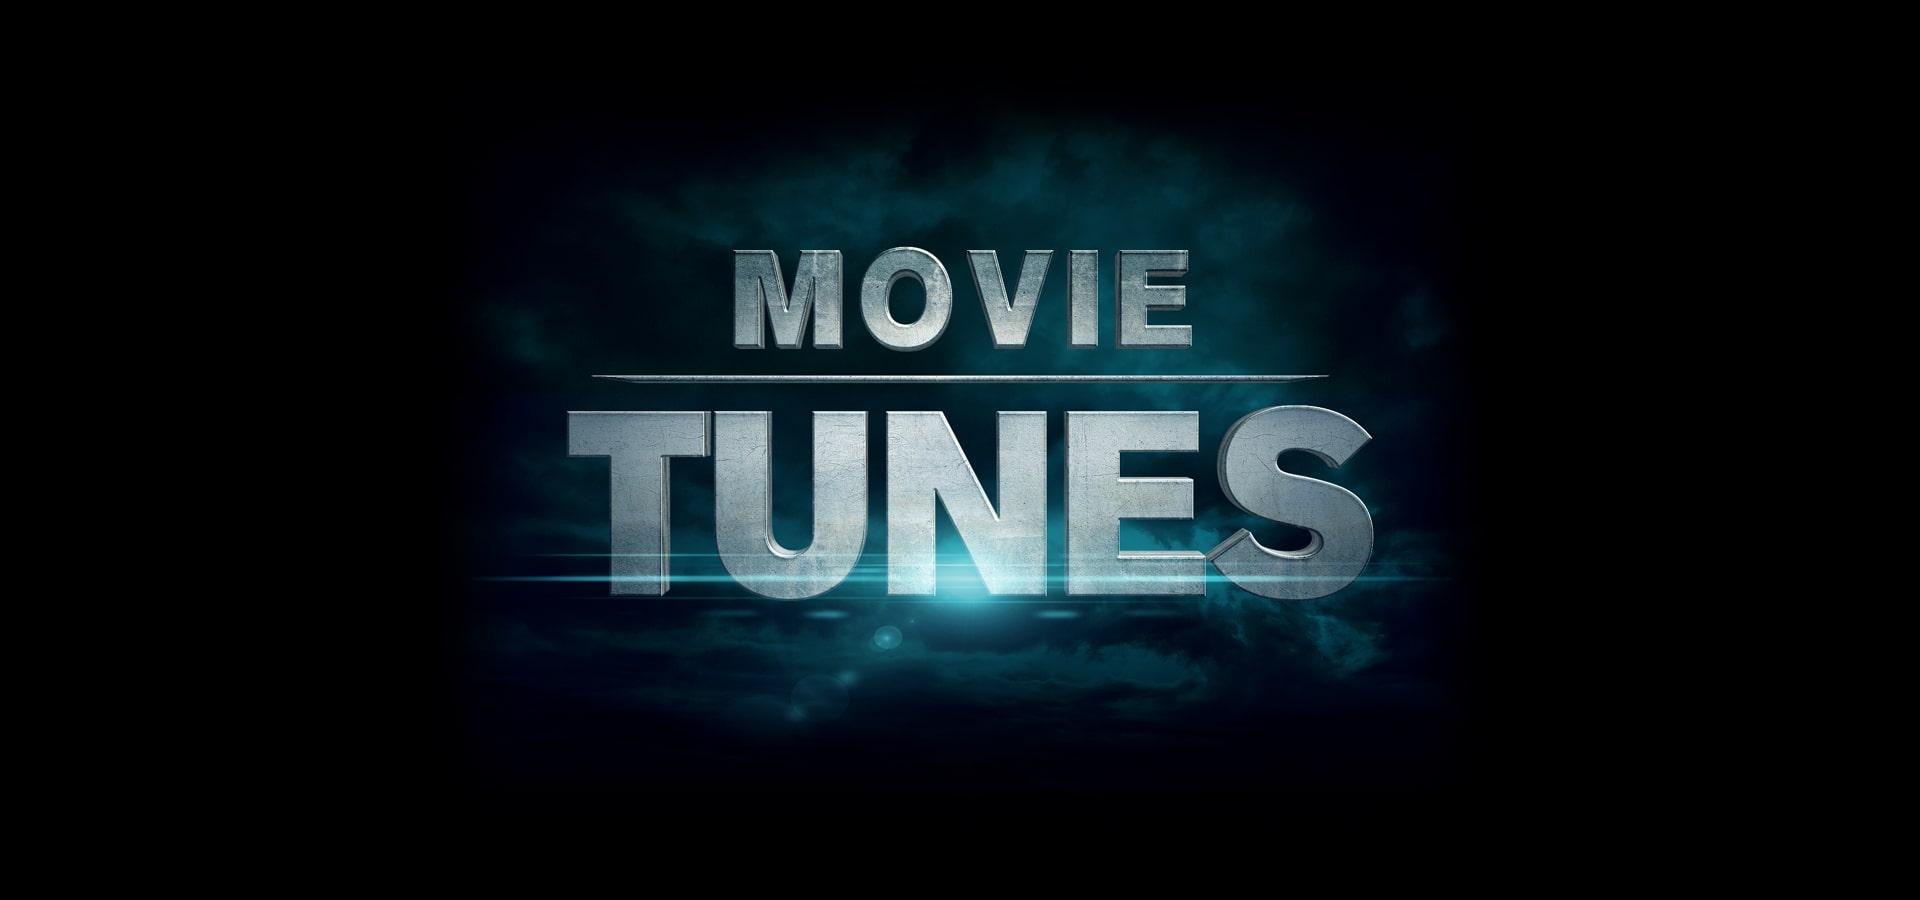 Movie Tunes